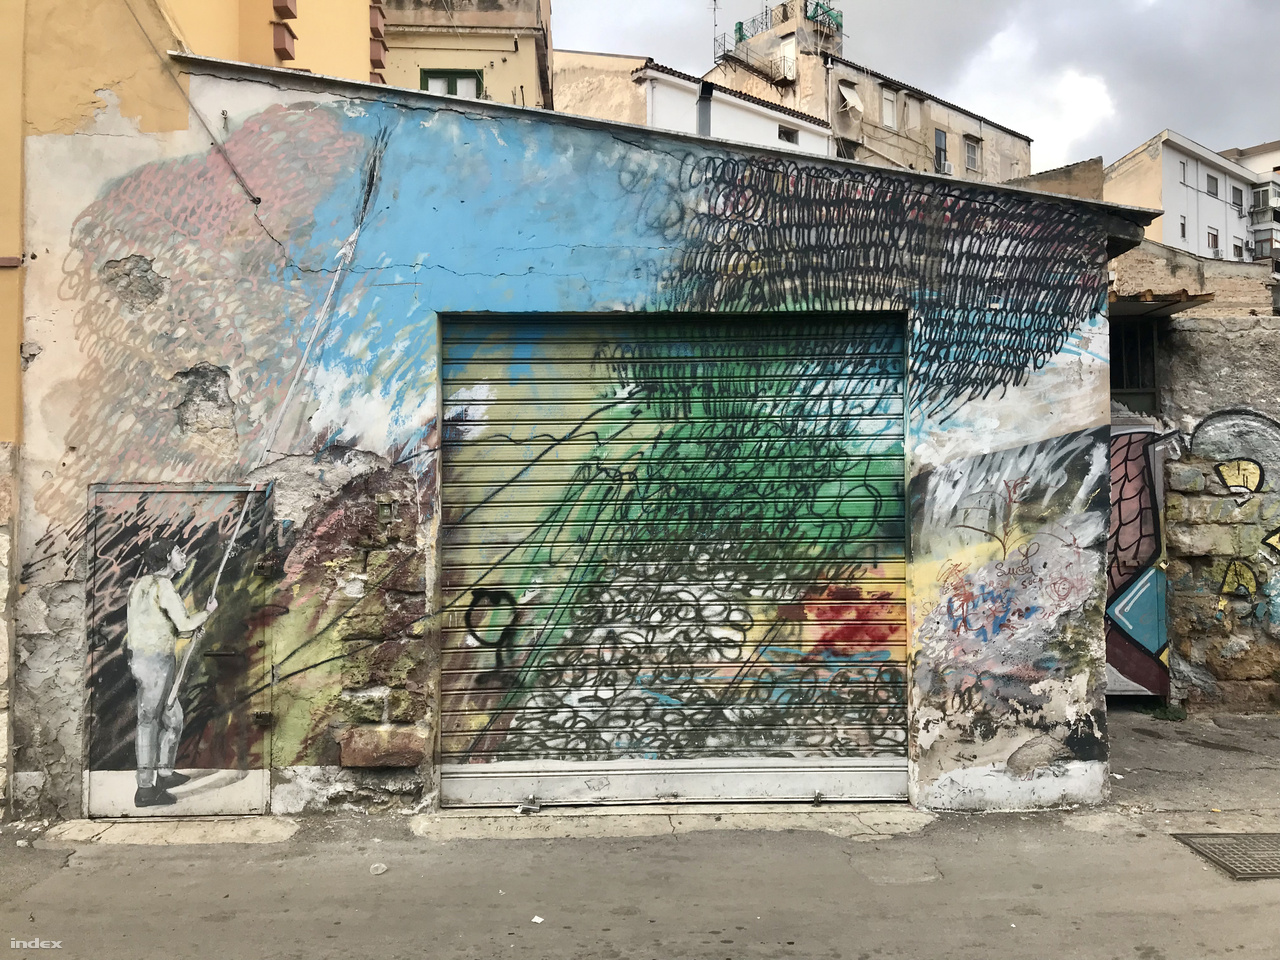 Palermo ősi negyede a Borgo Vecchio, magyarul az Ófalu. A negyeden belül pedig van egy olyan terület, ahol fantasztikusak a falfestések.